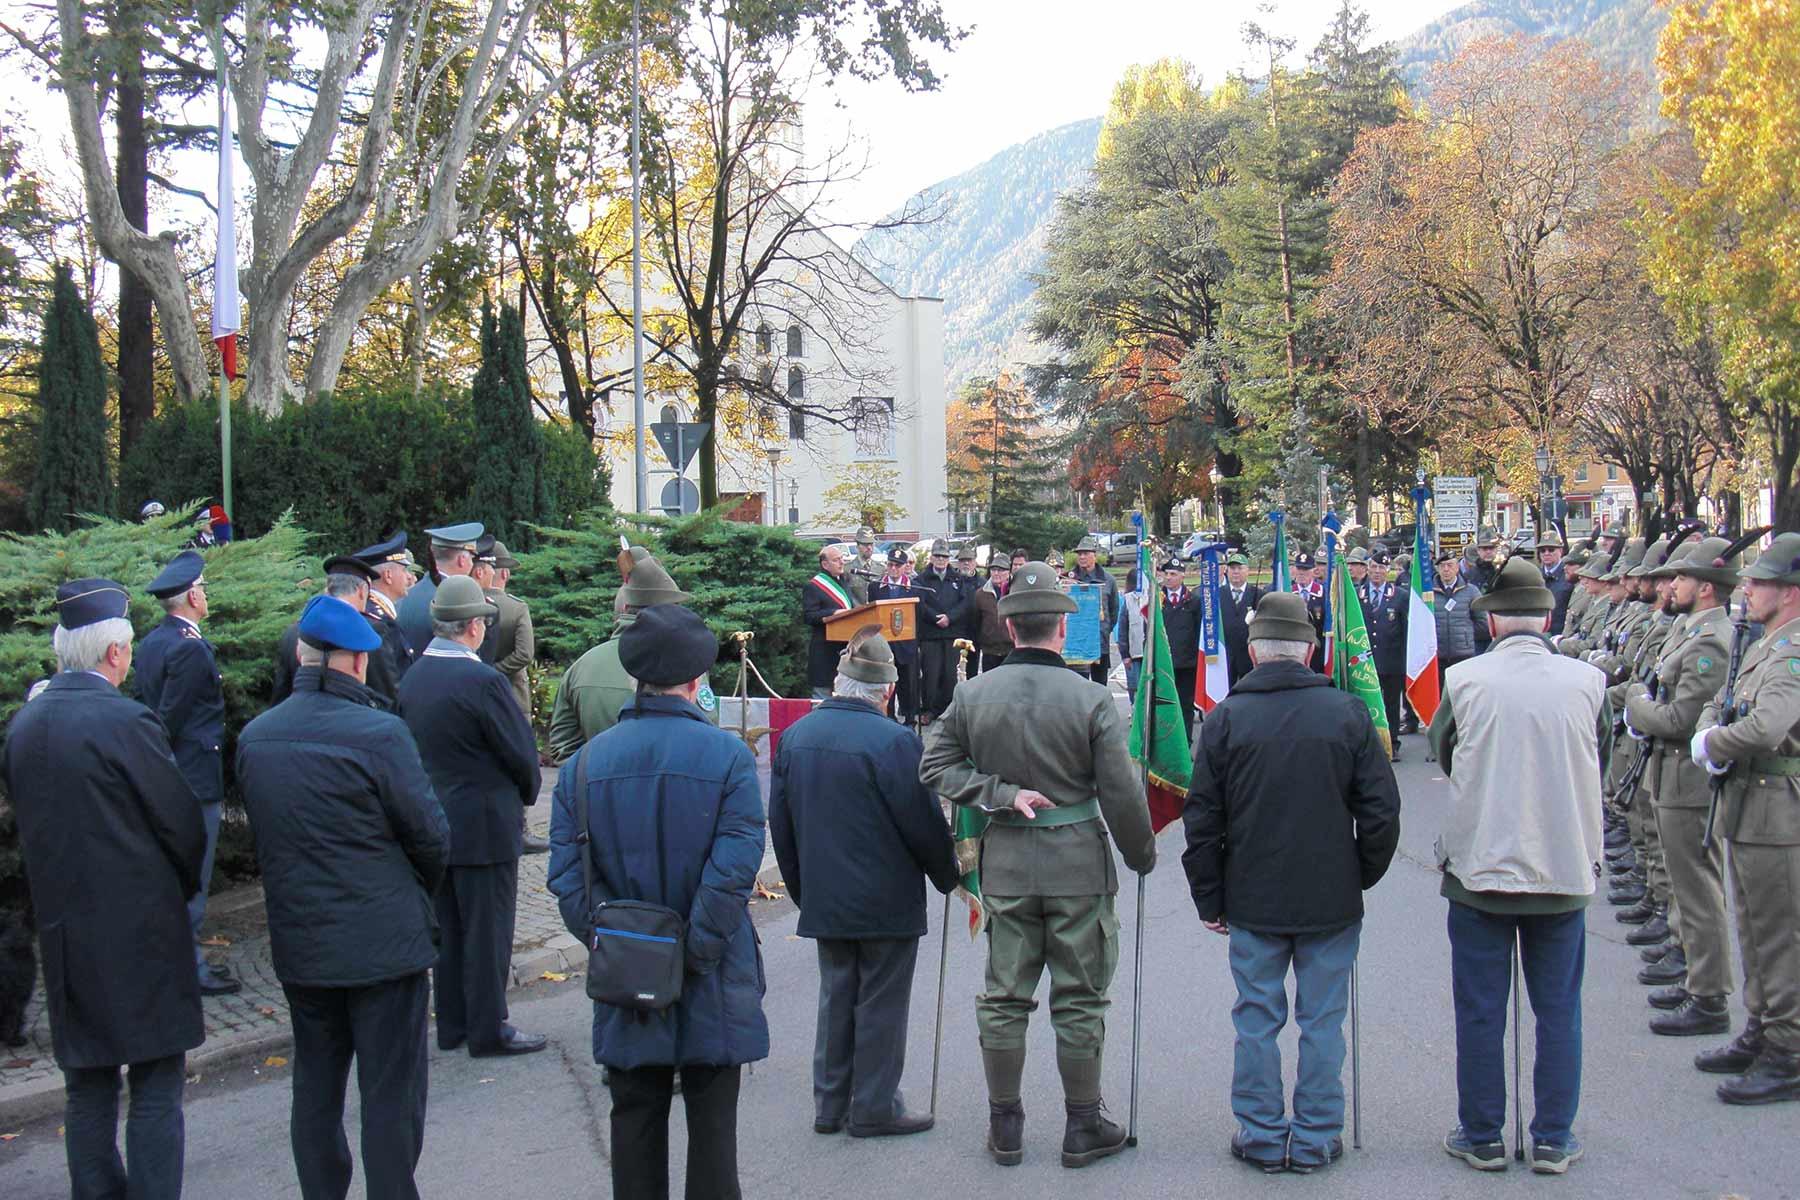 Alpini-Aufmarsch in MeranSkandal: Gedenkfeier vor Terrordenkmal